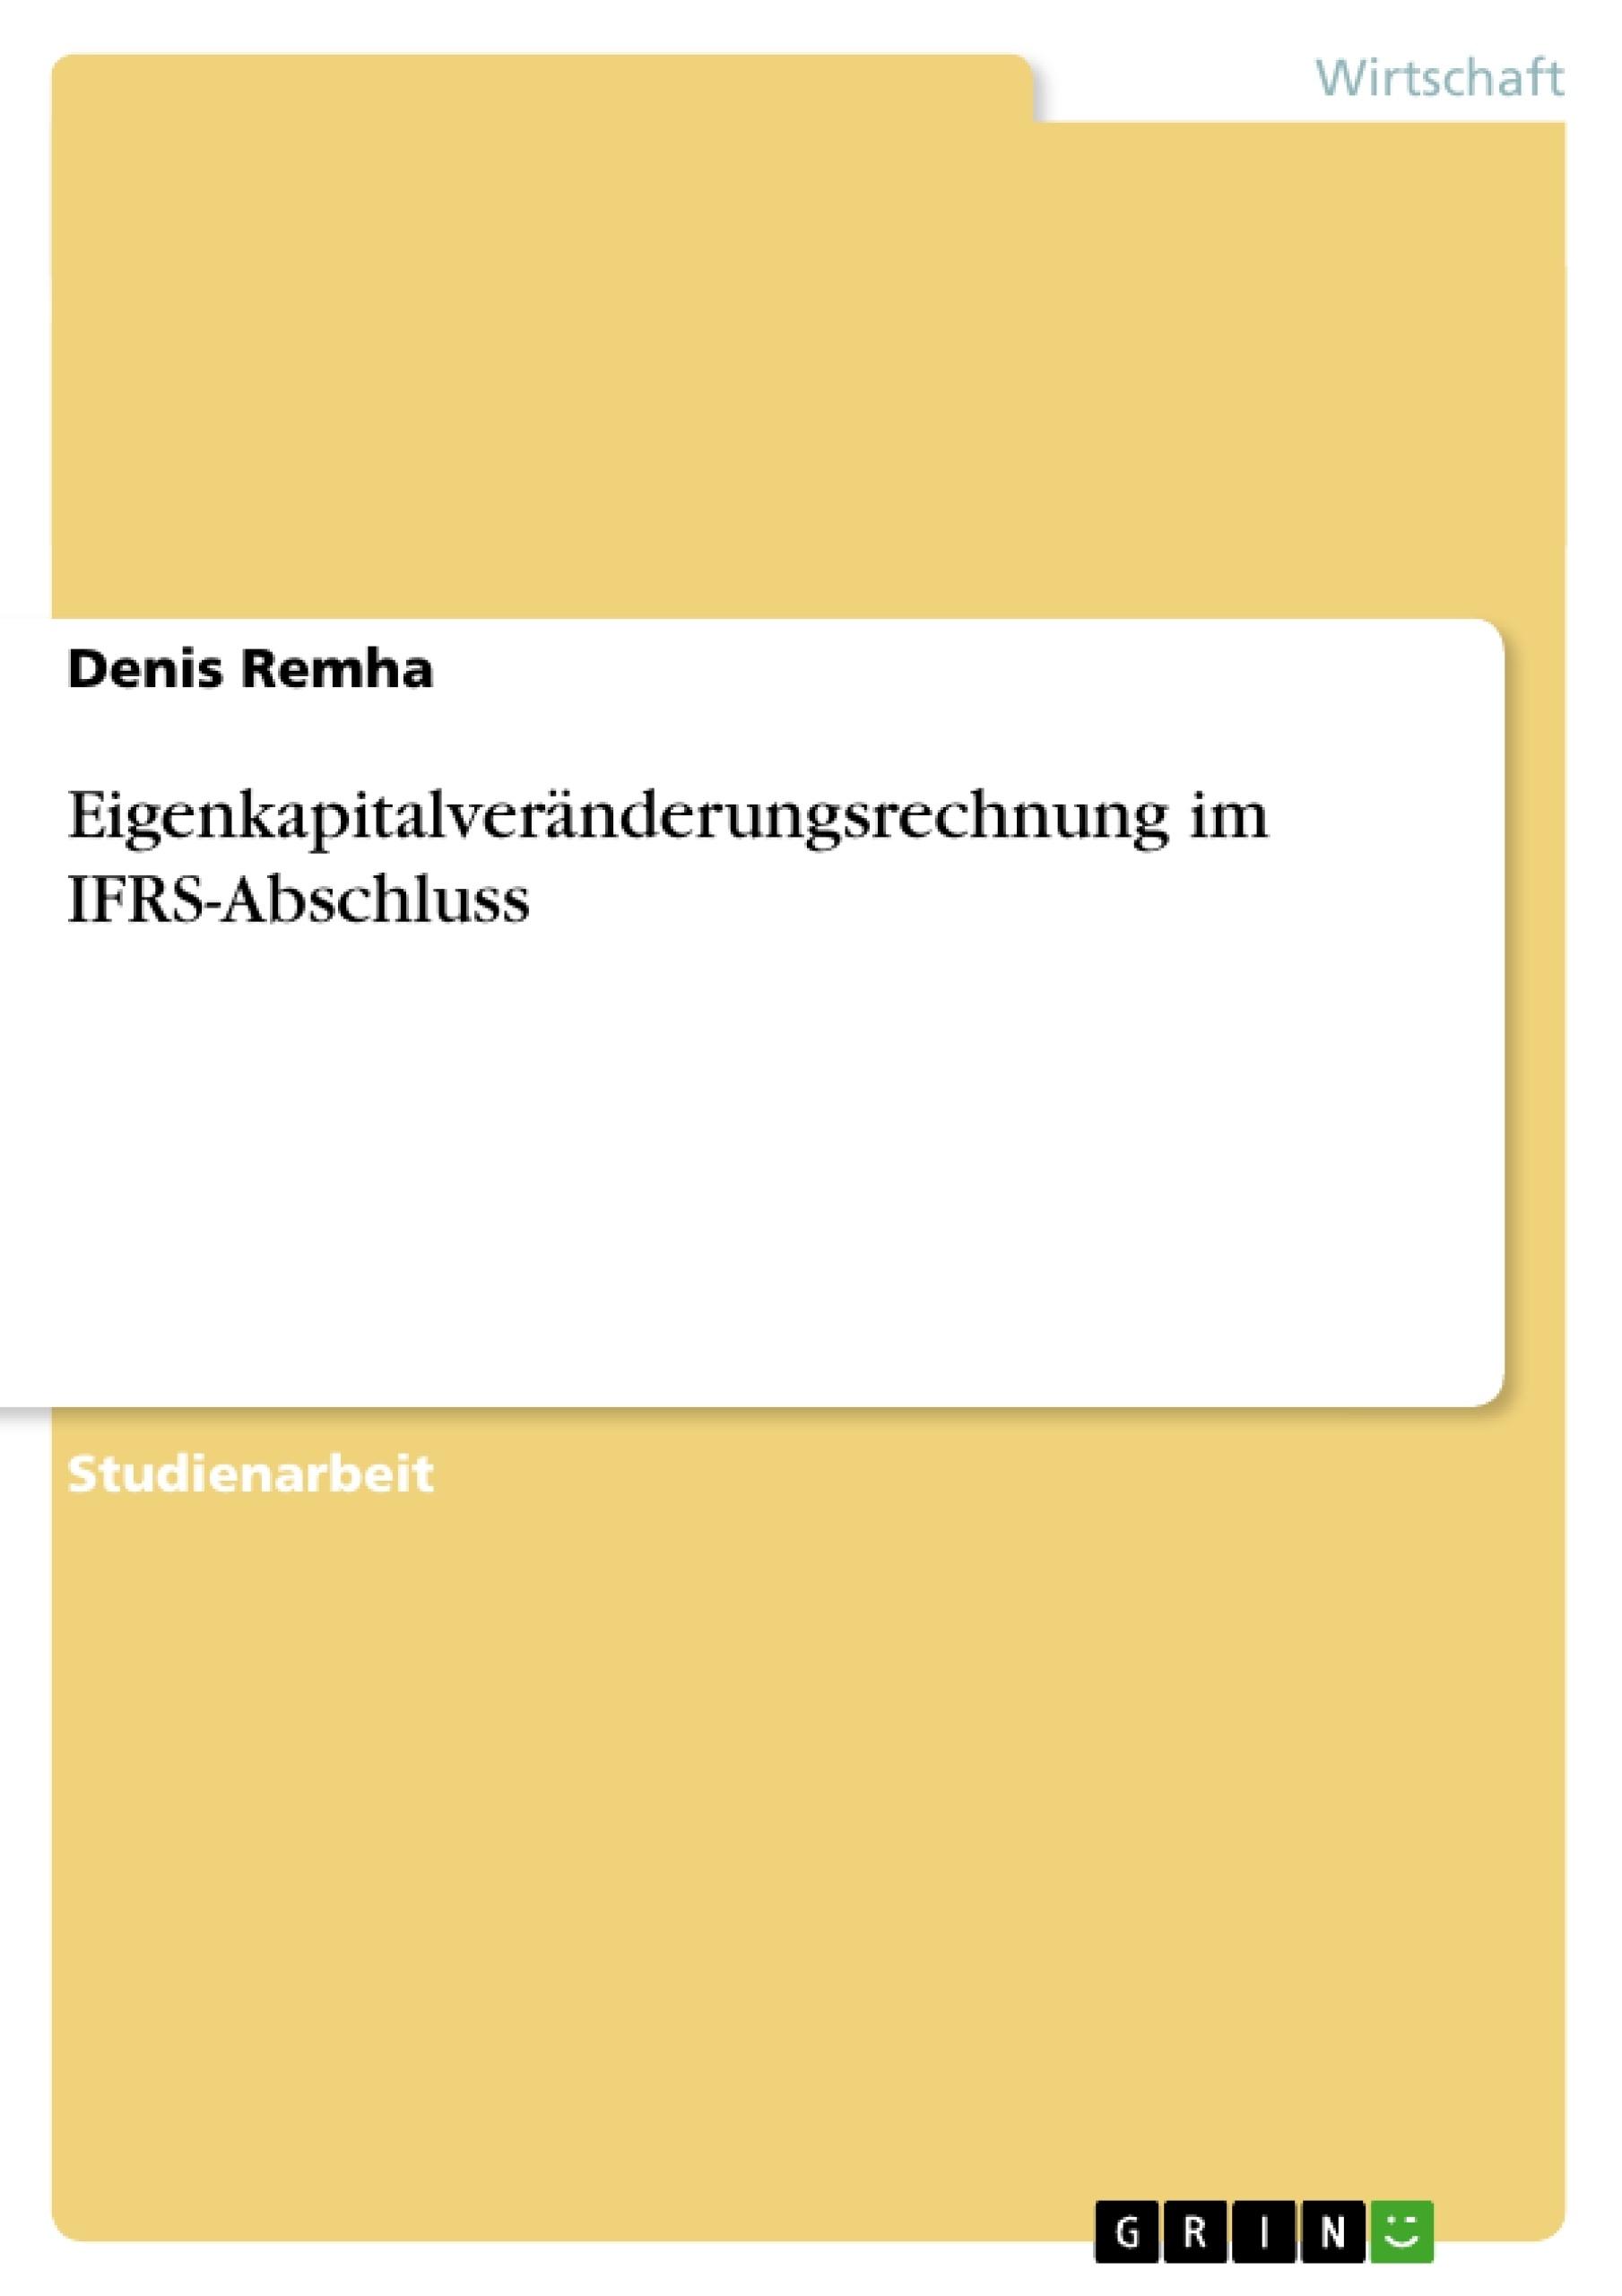 Titel: Eigenkapitalveränderungsrechnung im IFRS-Abschluss